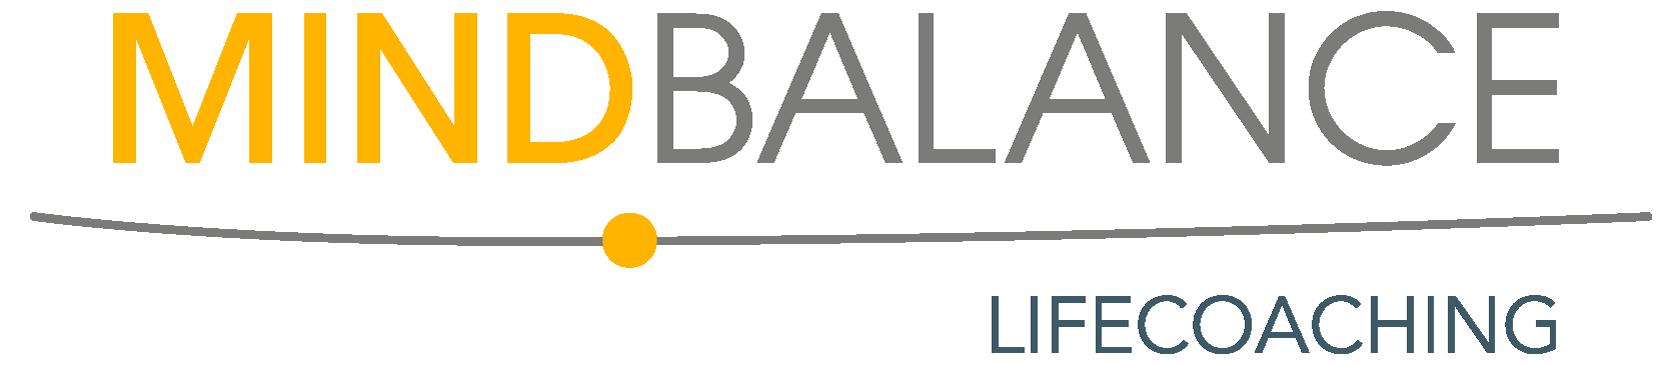 Mindbalance Lifecoaching